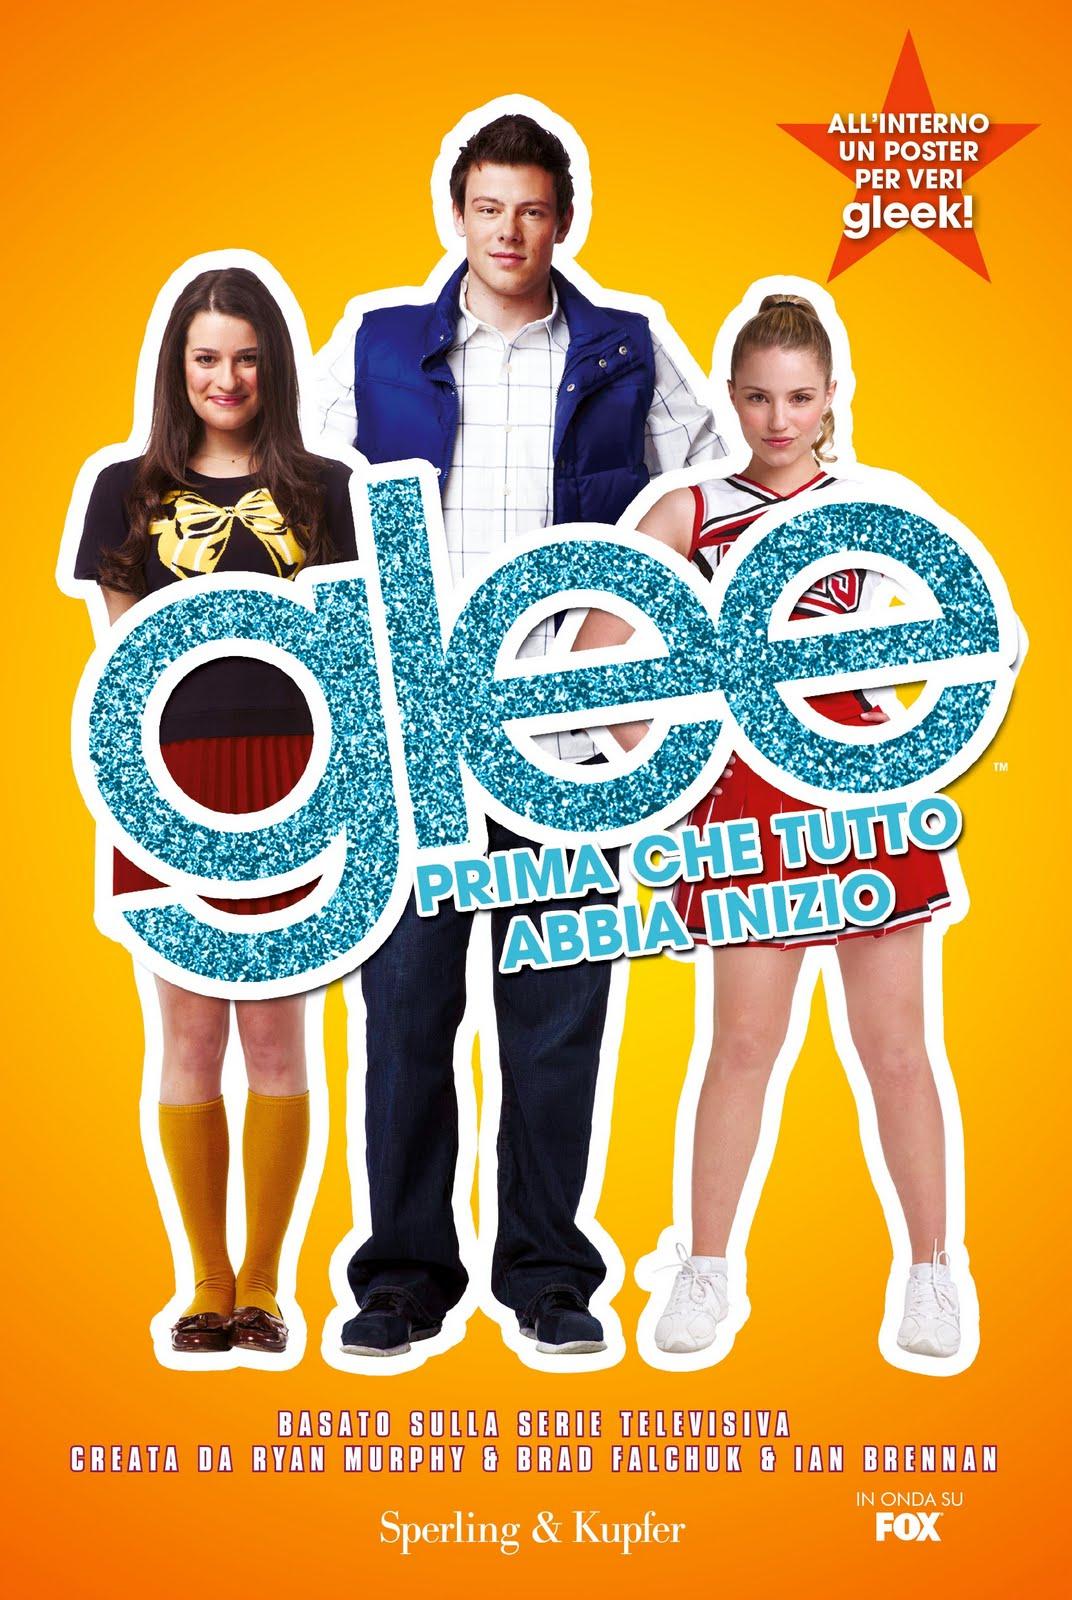 personaggi Glee datati nella vita reale buon nome dello schermo sito di incontri